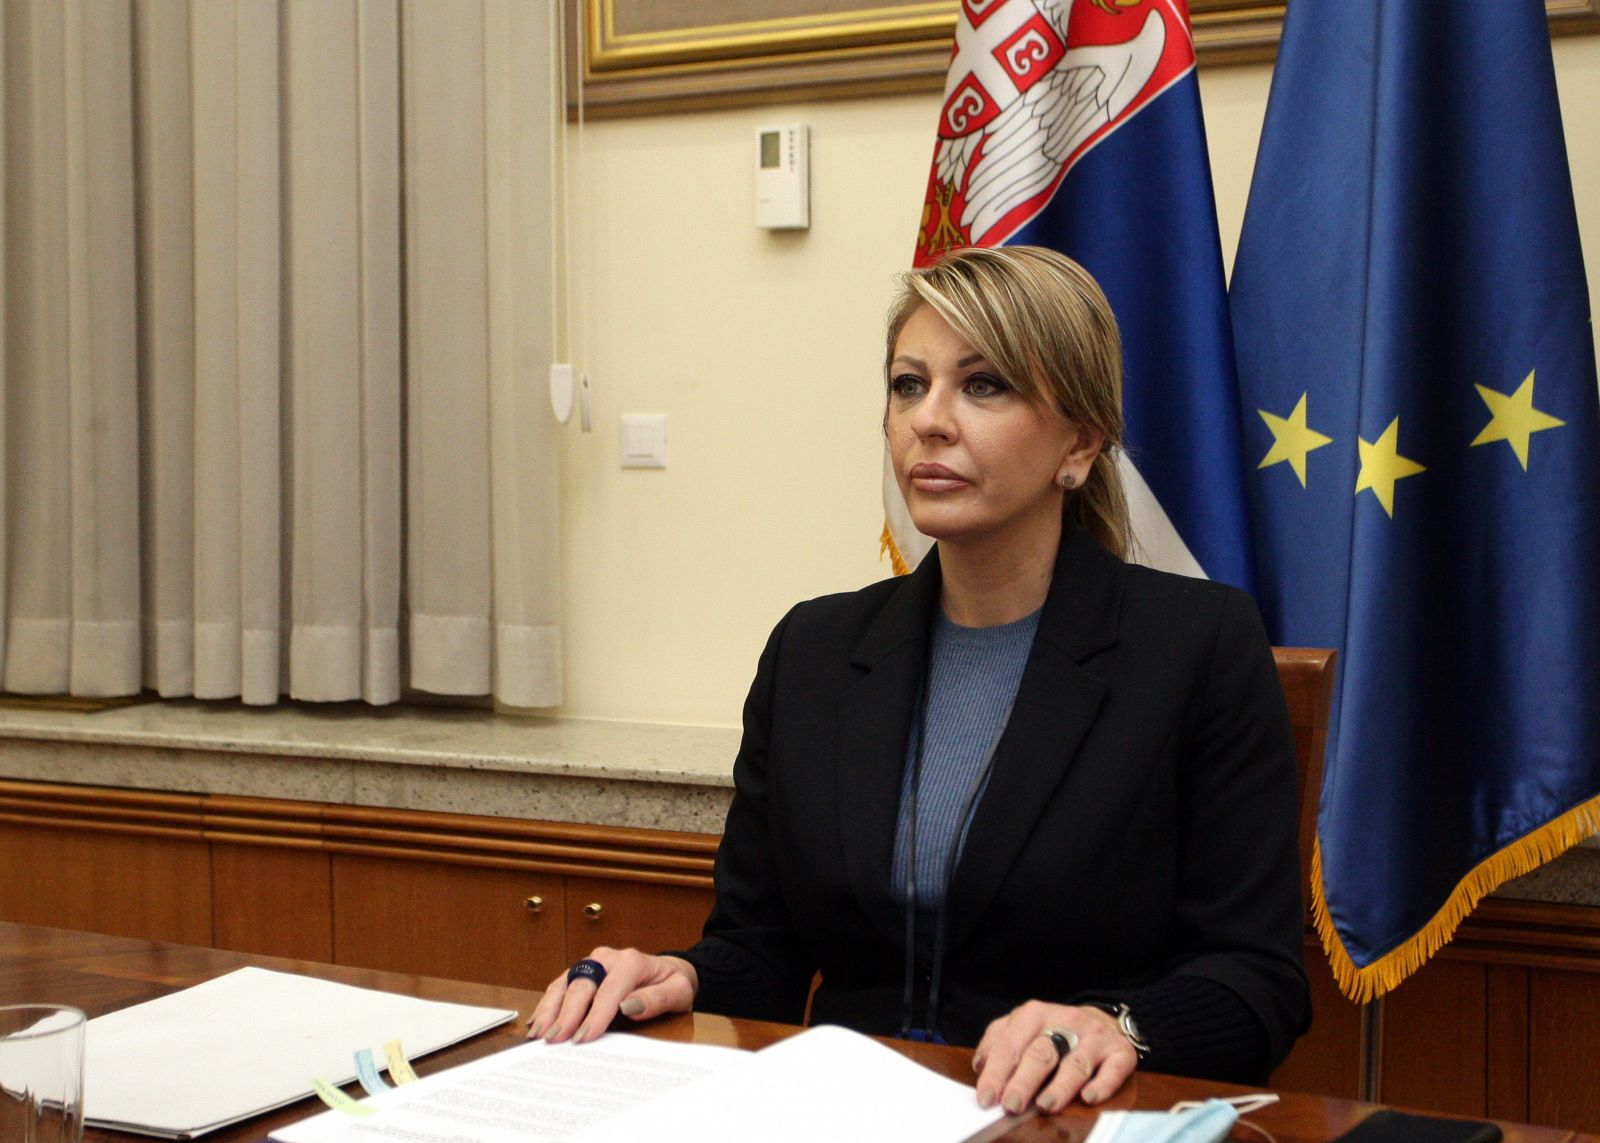 Ј. Јоксимовић: Програми прекограничне сарадње веома успешни